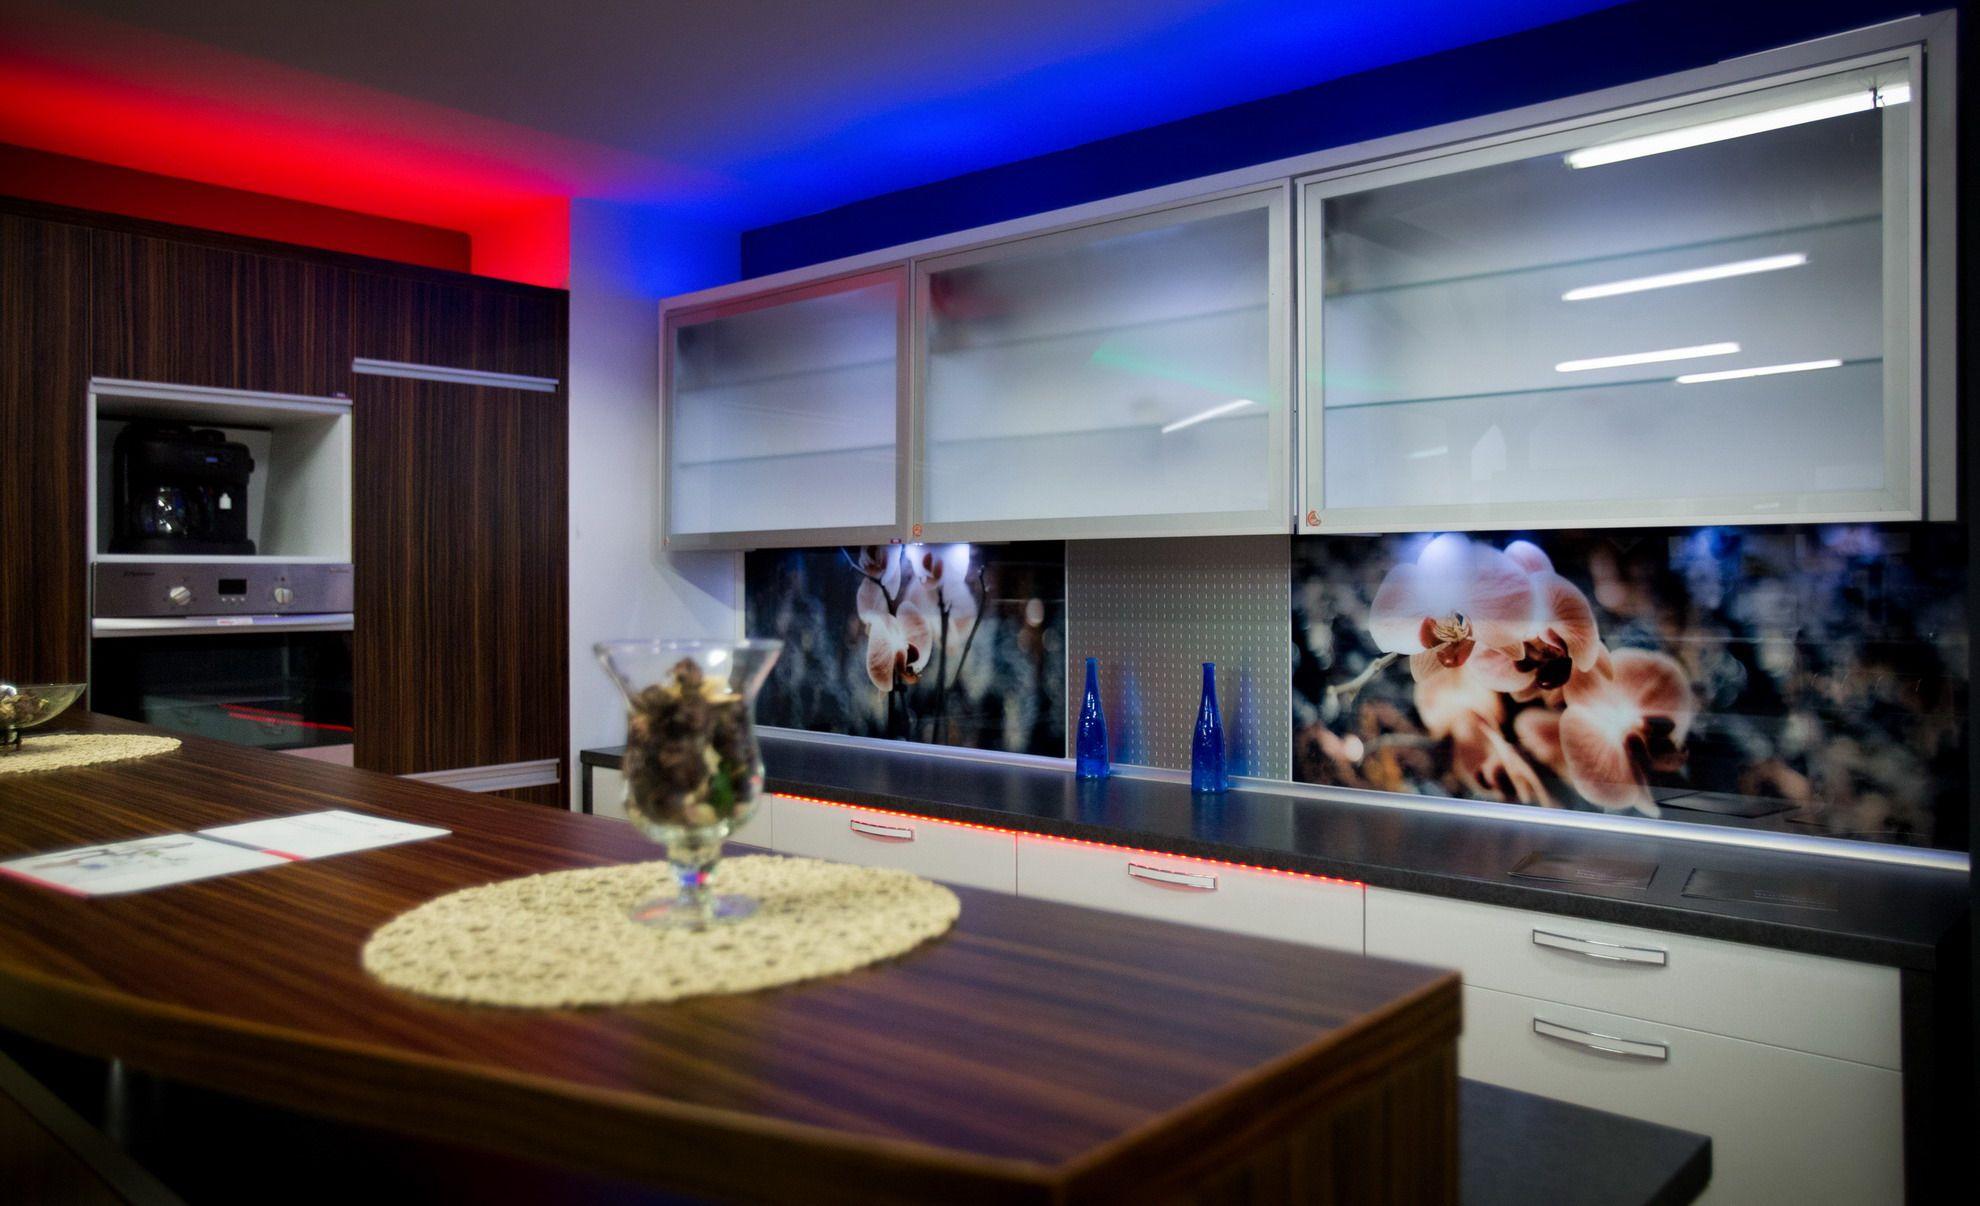 6. Kuchnia z frontami lakierowanymi, drewnopodobnymi oraz szklonymi. + oświetlenie LED